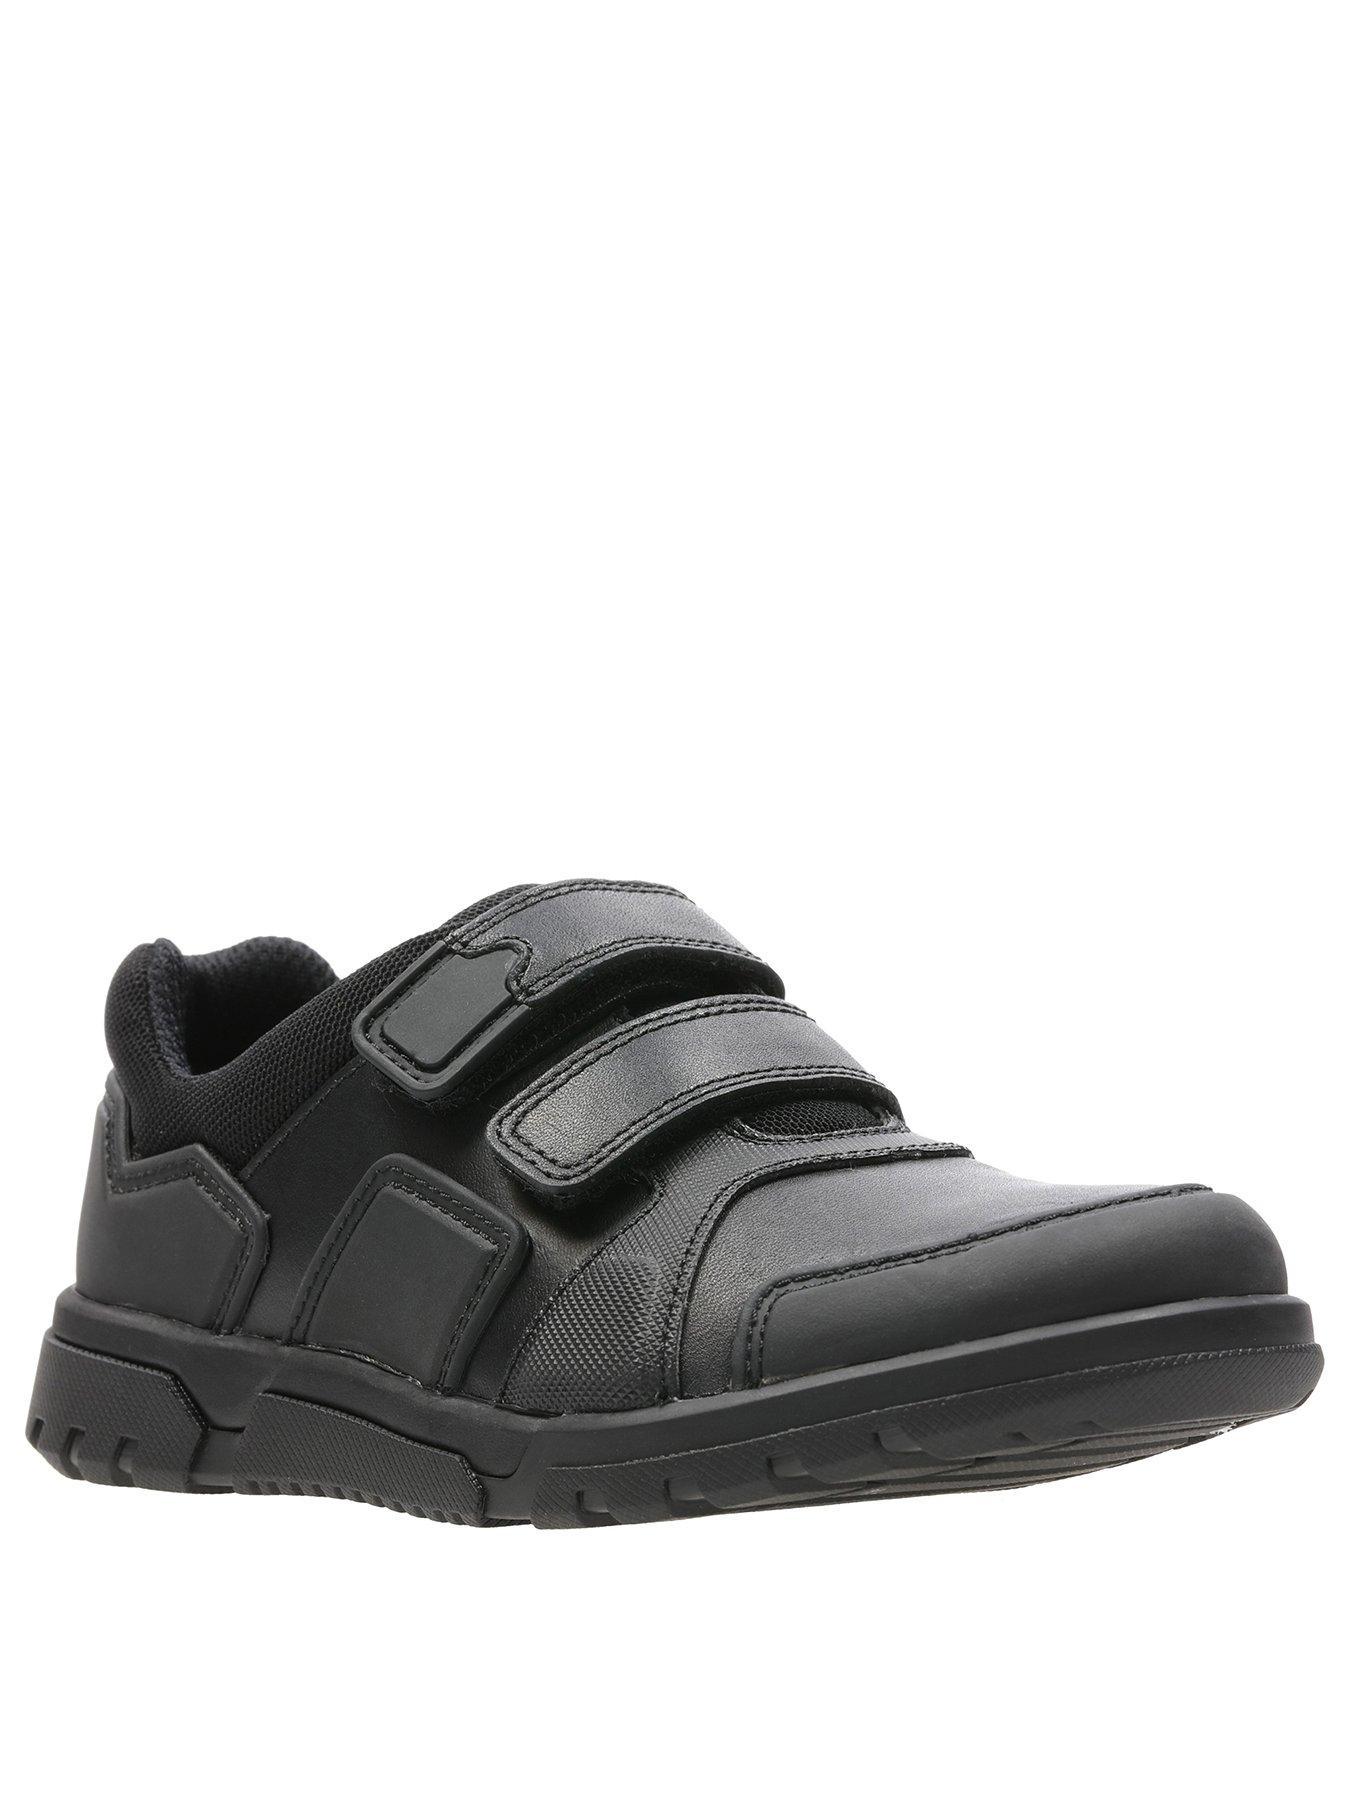 Boys Clarks Black Leather Hook /& Loop Strap Formal School Shoes BLAKE STREET